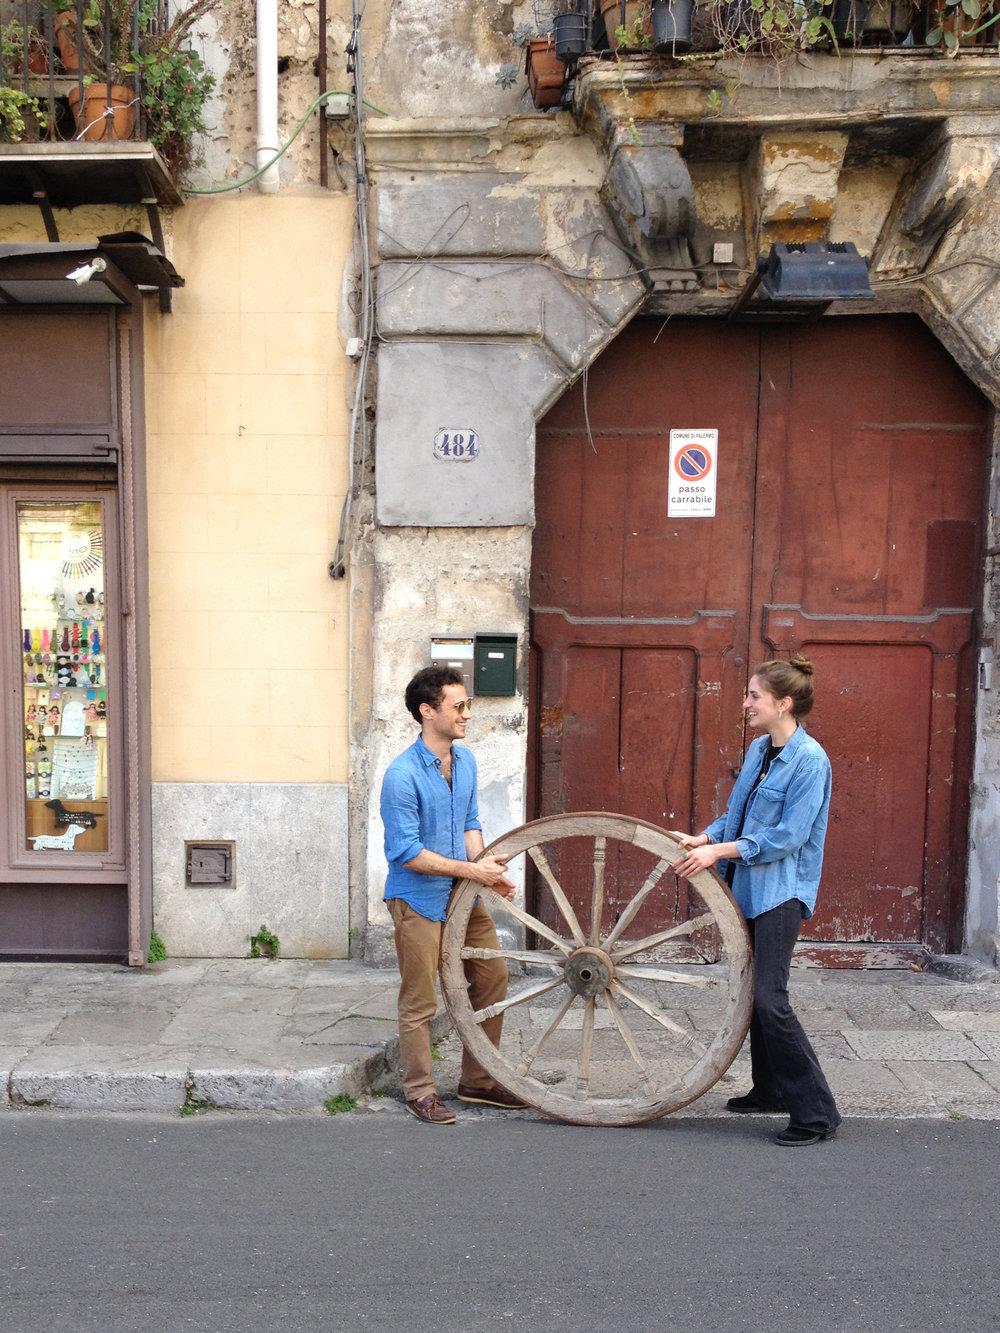 Midge Wattles, Italy